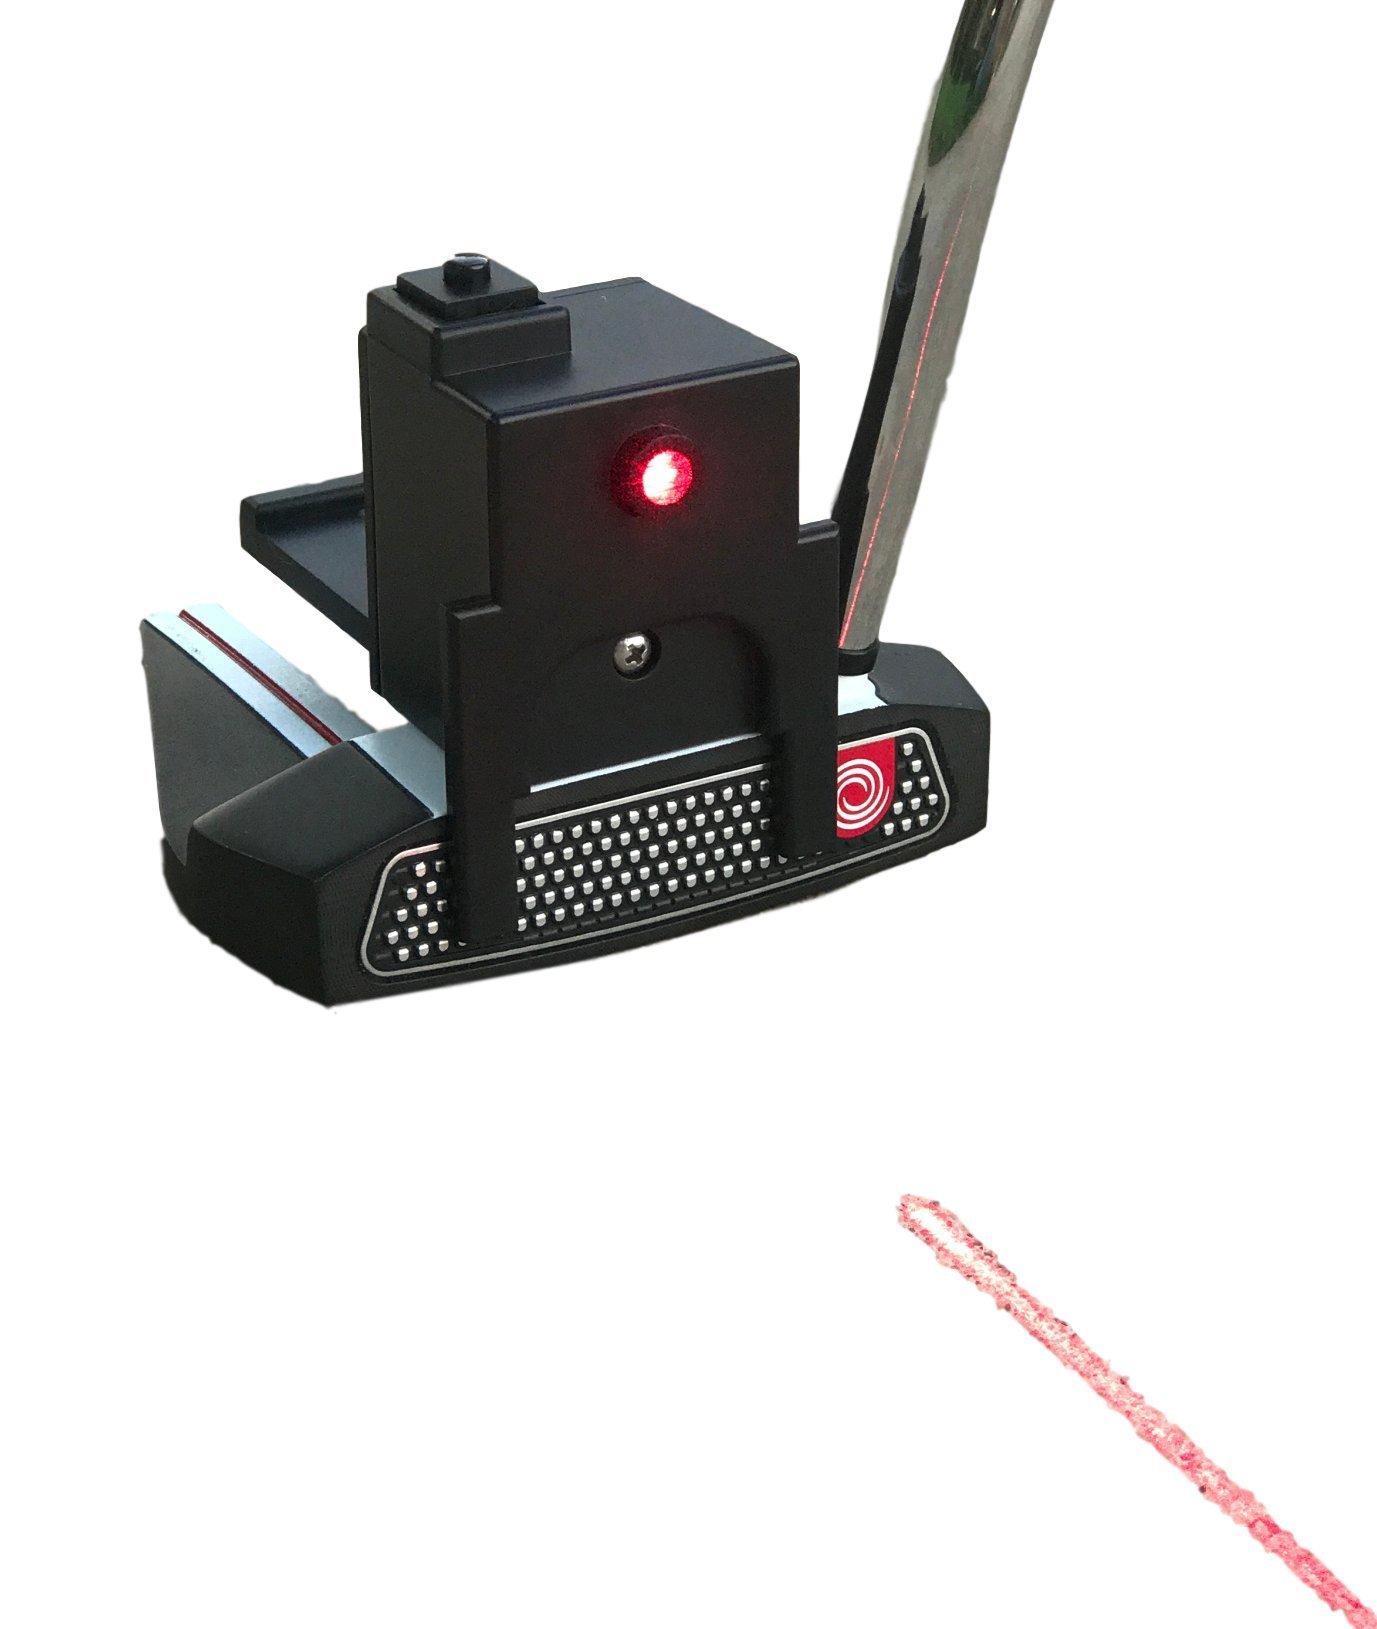 Mark-Tech Laser Putter Golf Training Aid by Mark-Tech